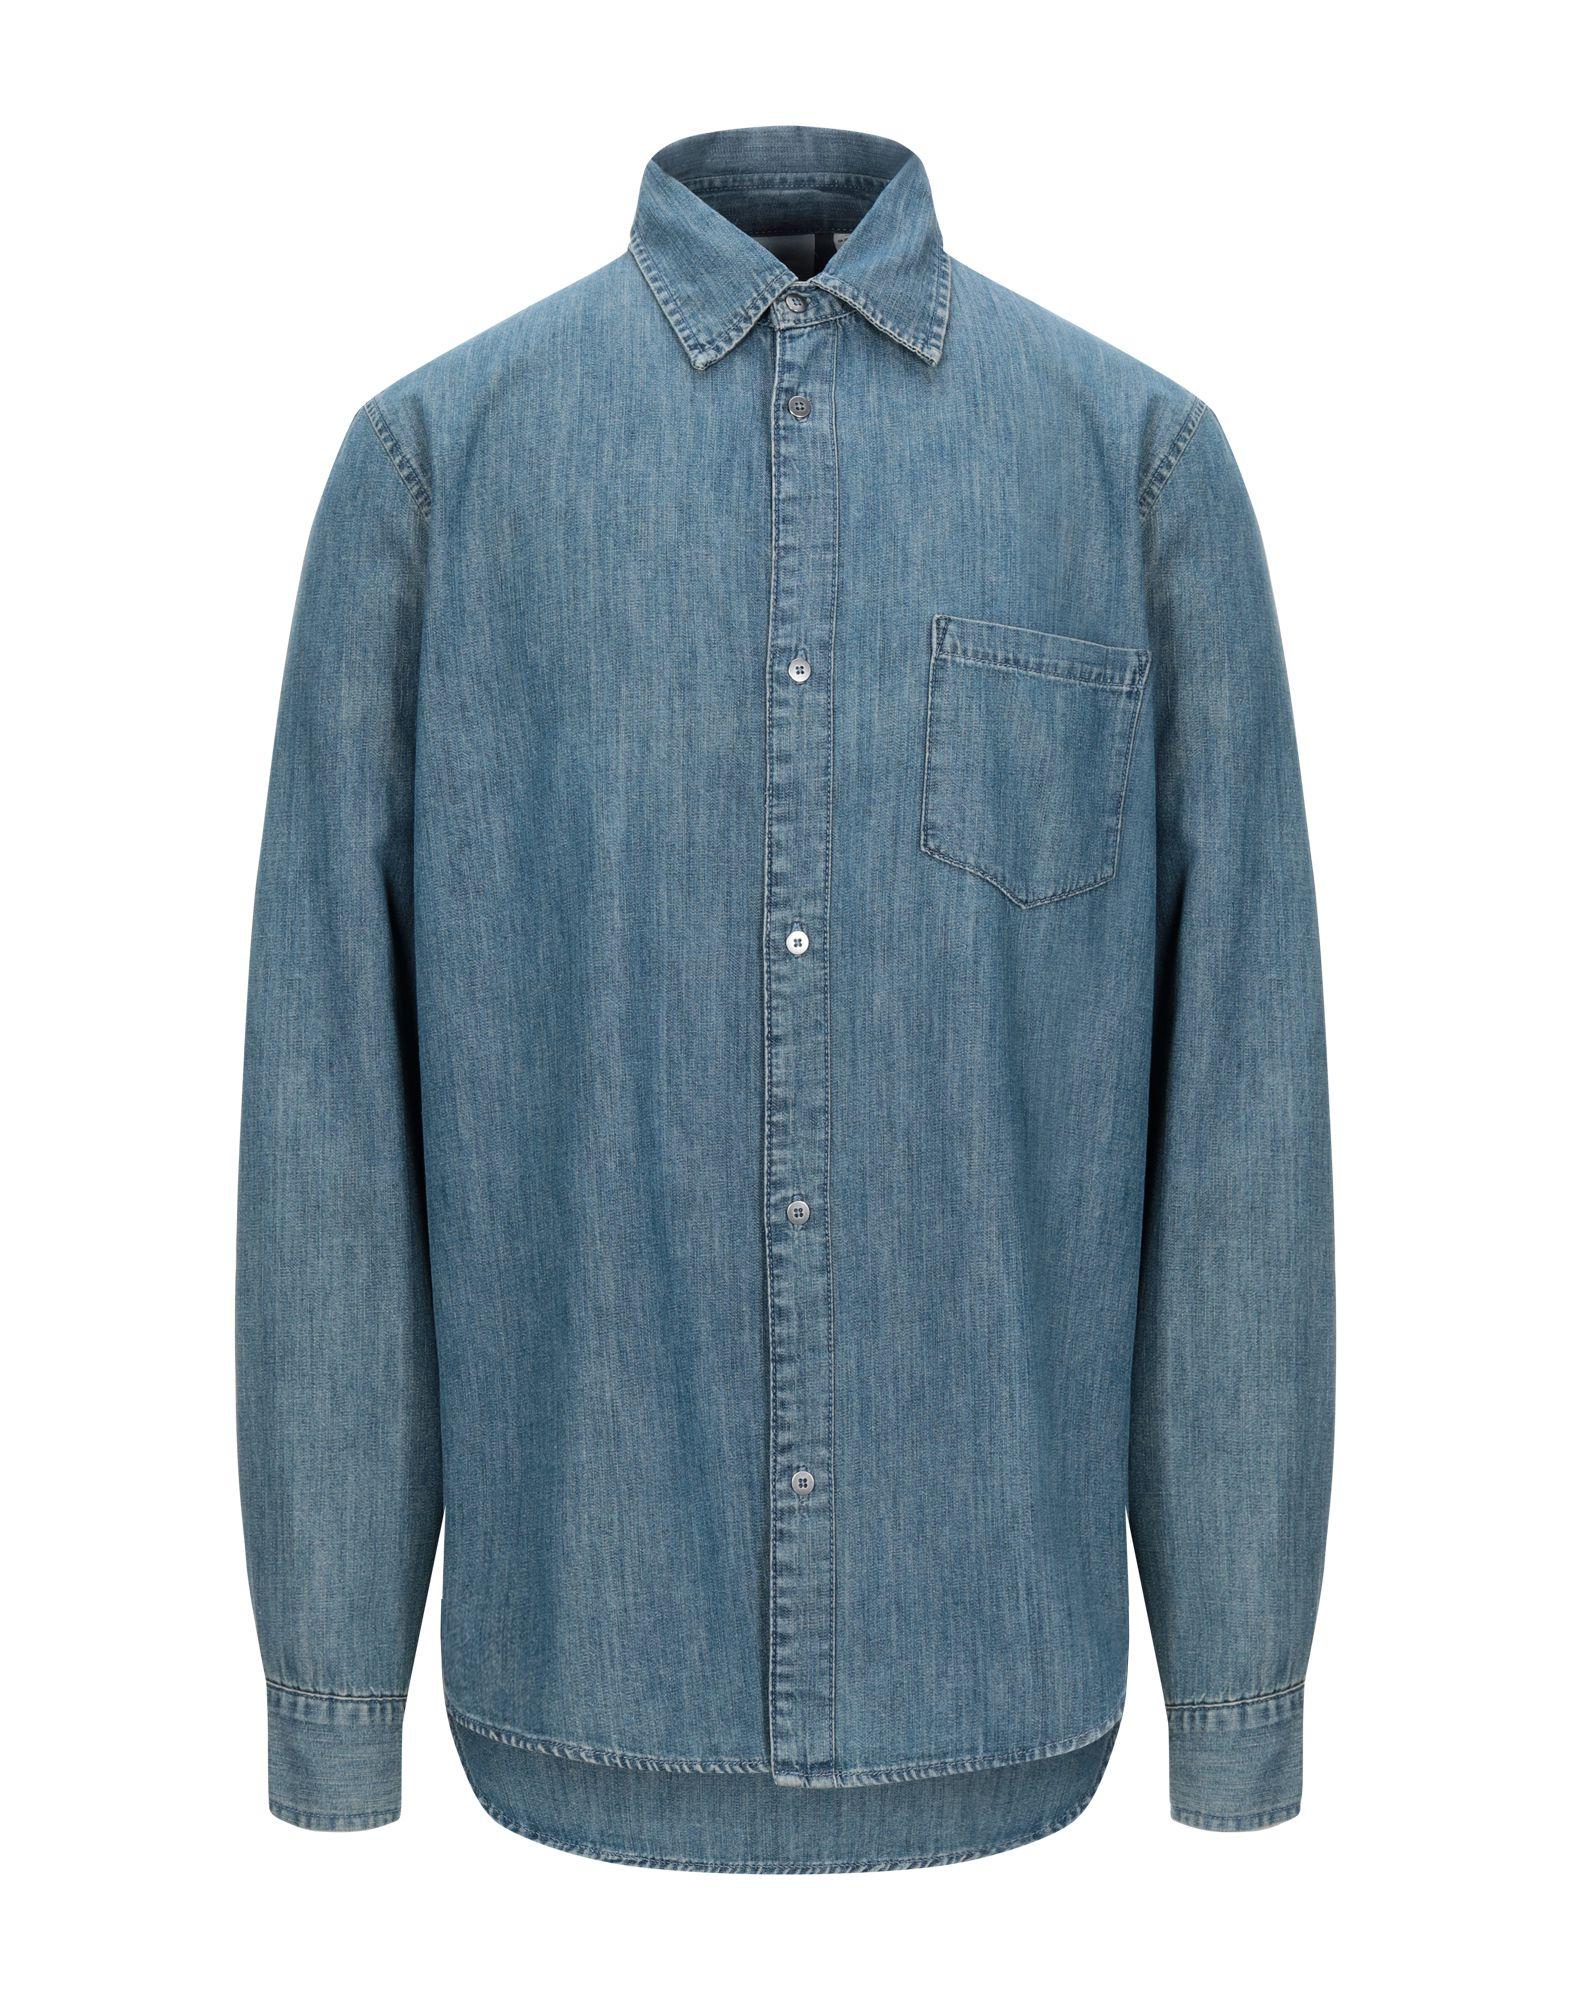 CHEAP MONDAY Джинсовая рубашка cheap monday джинсовая верхняя одежда